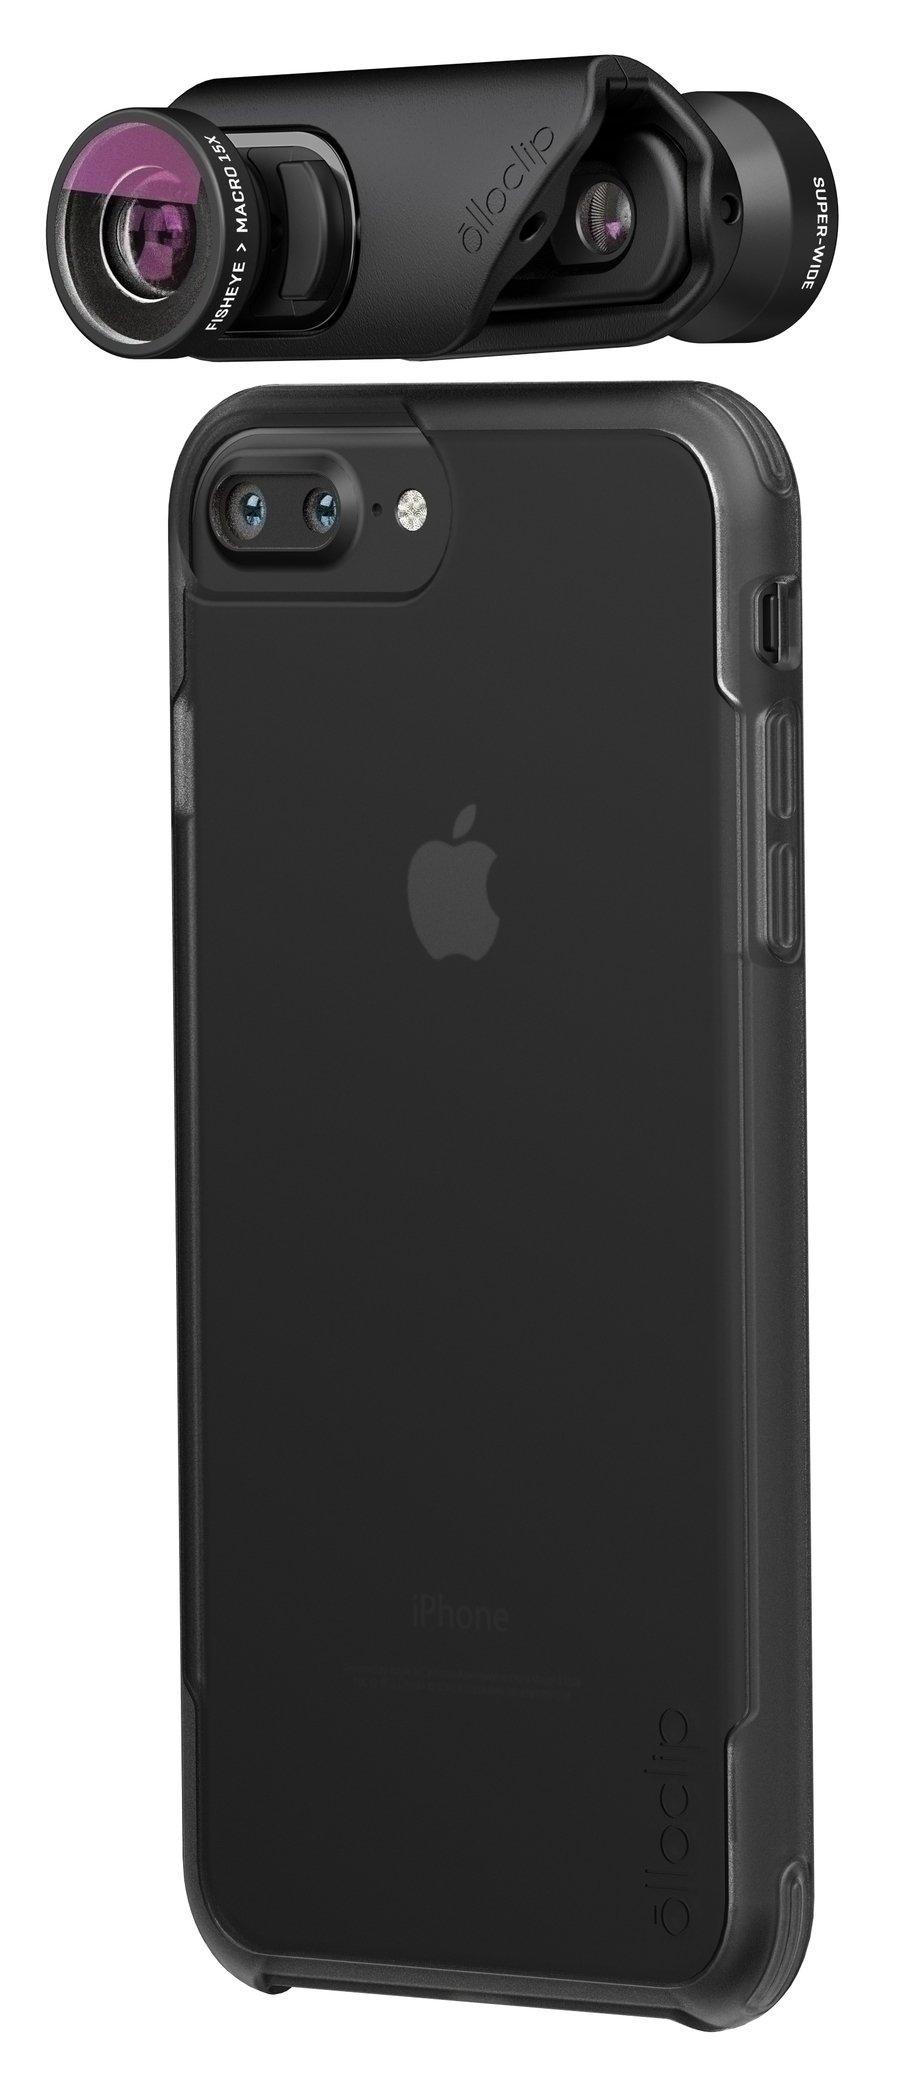 olloclip — CORE LENS SET + OLLO CASE Combo for iPhone 8/8 Plus and iPhone 7/7 Plus — Includes 1 iPhone case for iPhone 7 Plus & 8 Plus + TELEPHOTO Premium Glass Lens — Lens: Black/Black, Case: Clear